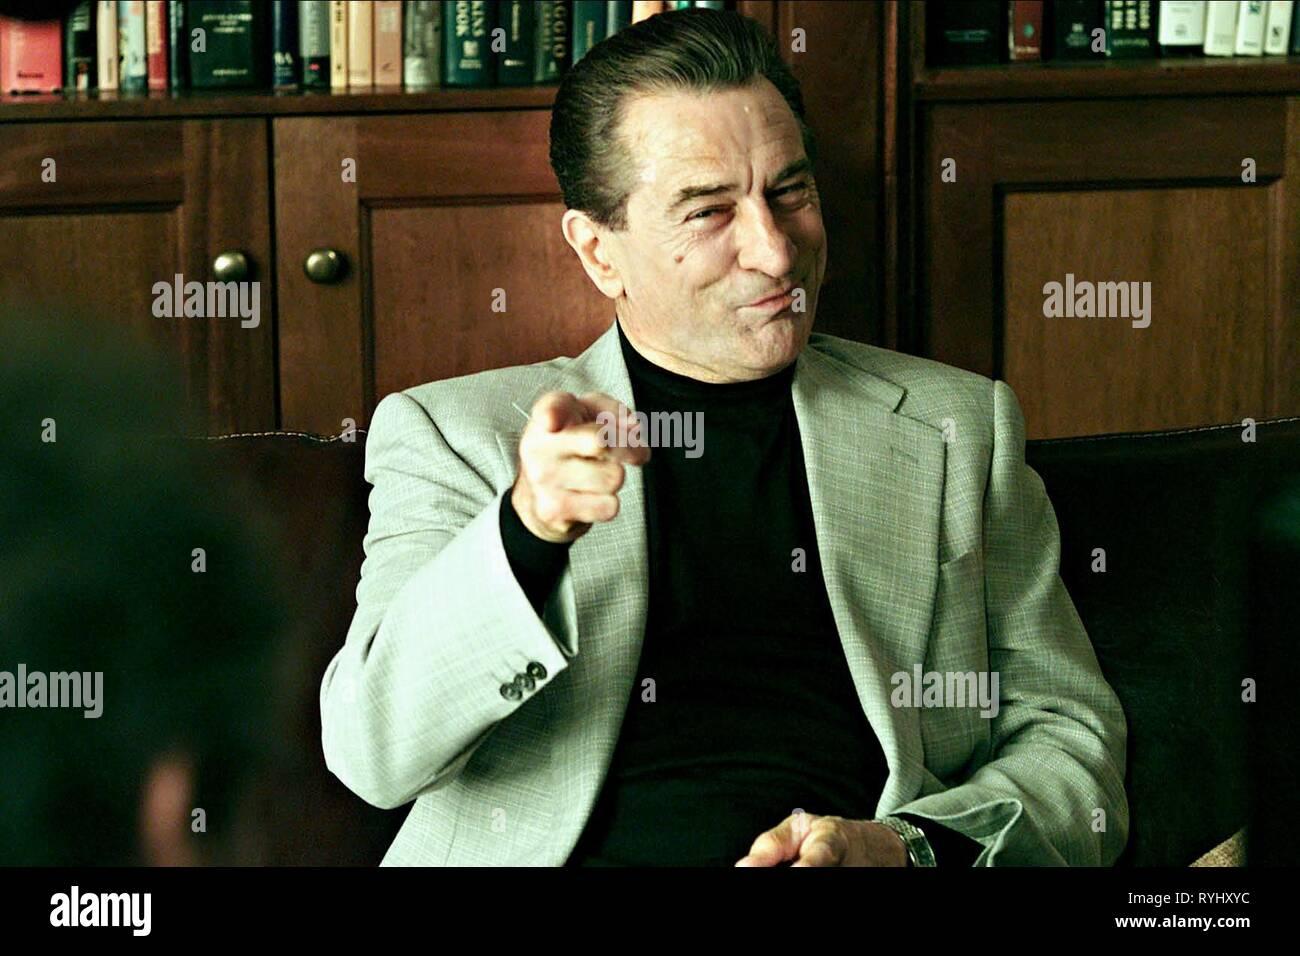 ROBERT DE NIRO, Analysieren, 2002 Stockfoto